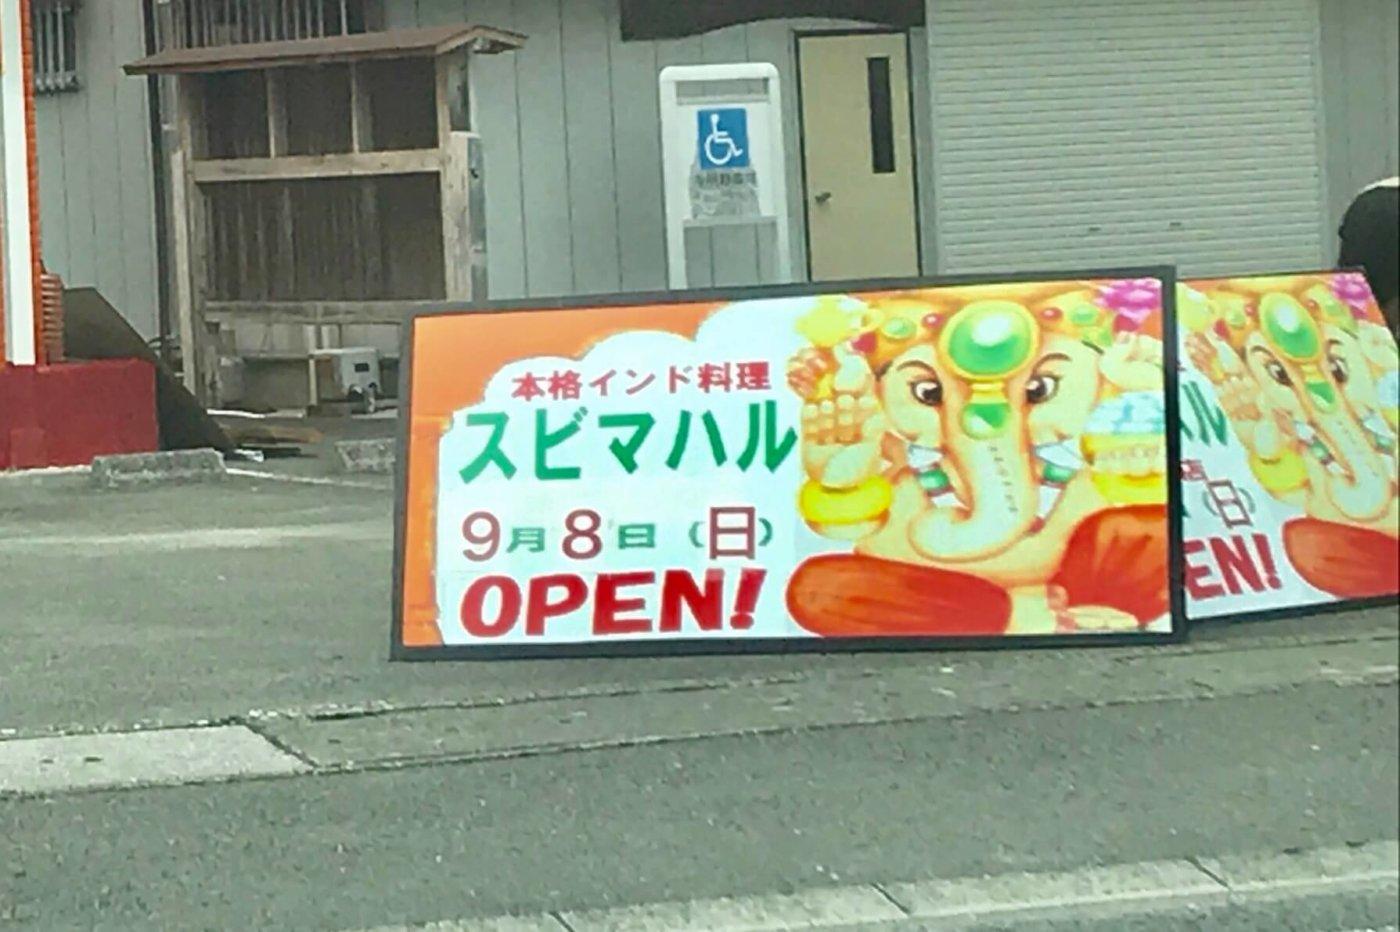 インド料理 スビマハル 改装中の店先に置かれたオープン日を告知する看板(9月8日オープン)